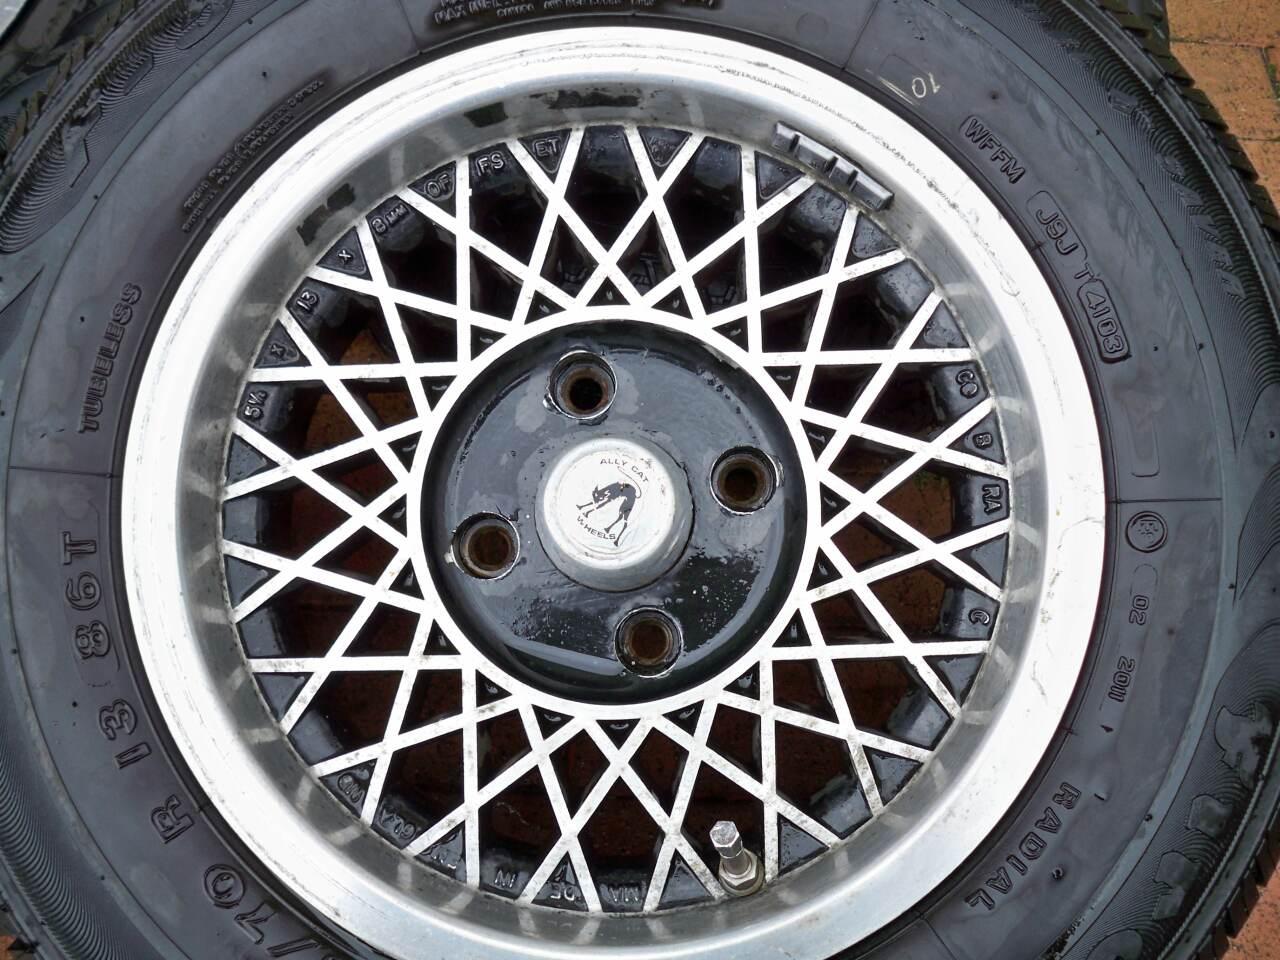 Lancia Delta Integrale (1987)